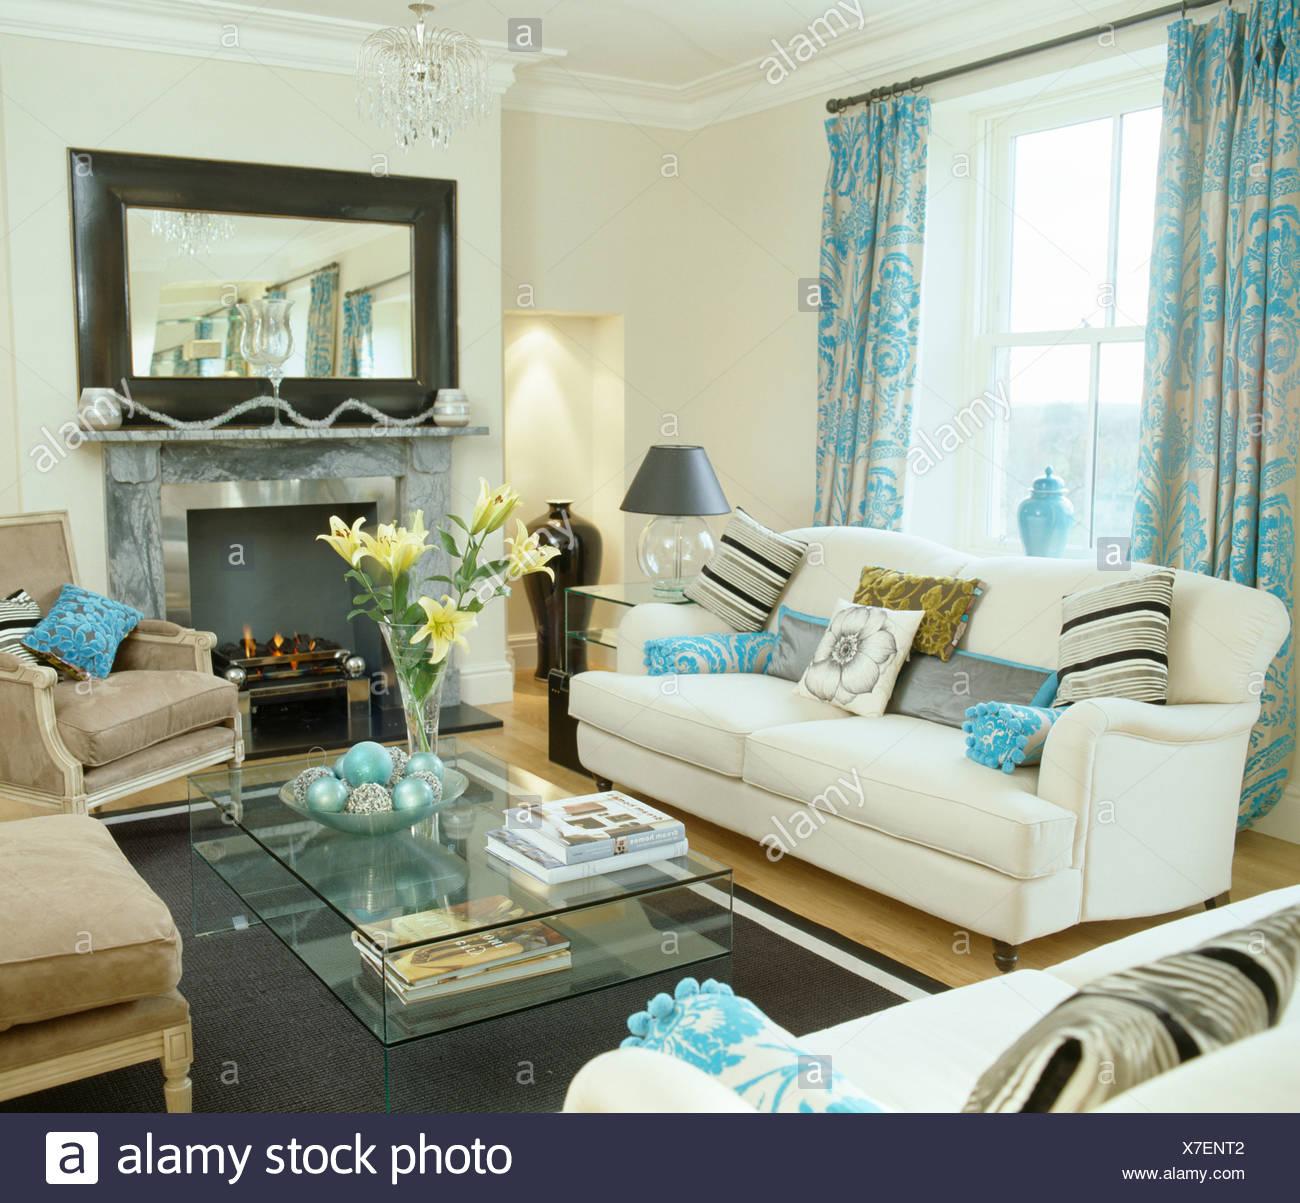 Gemusterte Türkis Vorhänge Am Fenster über Dem Weißen Sofa In Weiß  Wohnzimmer Mit Großem Spiegel über Dem Kamin